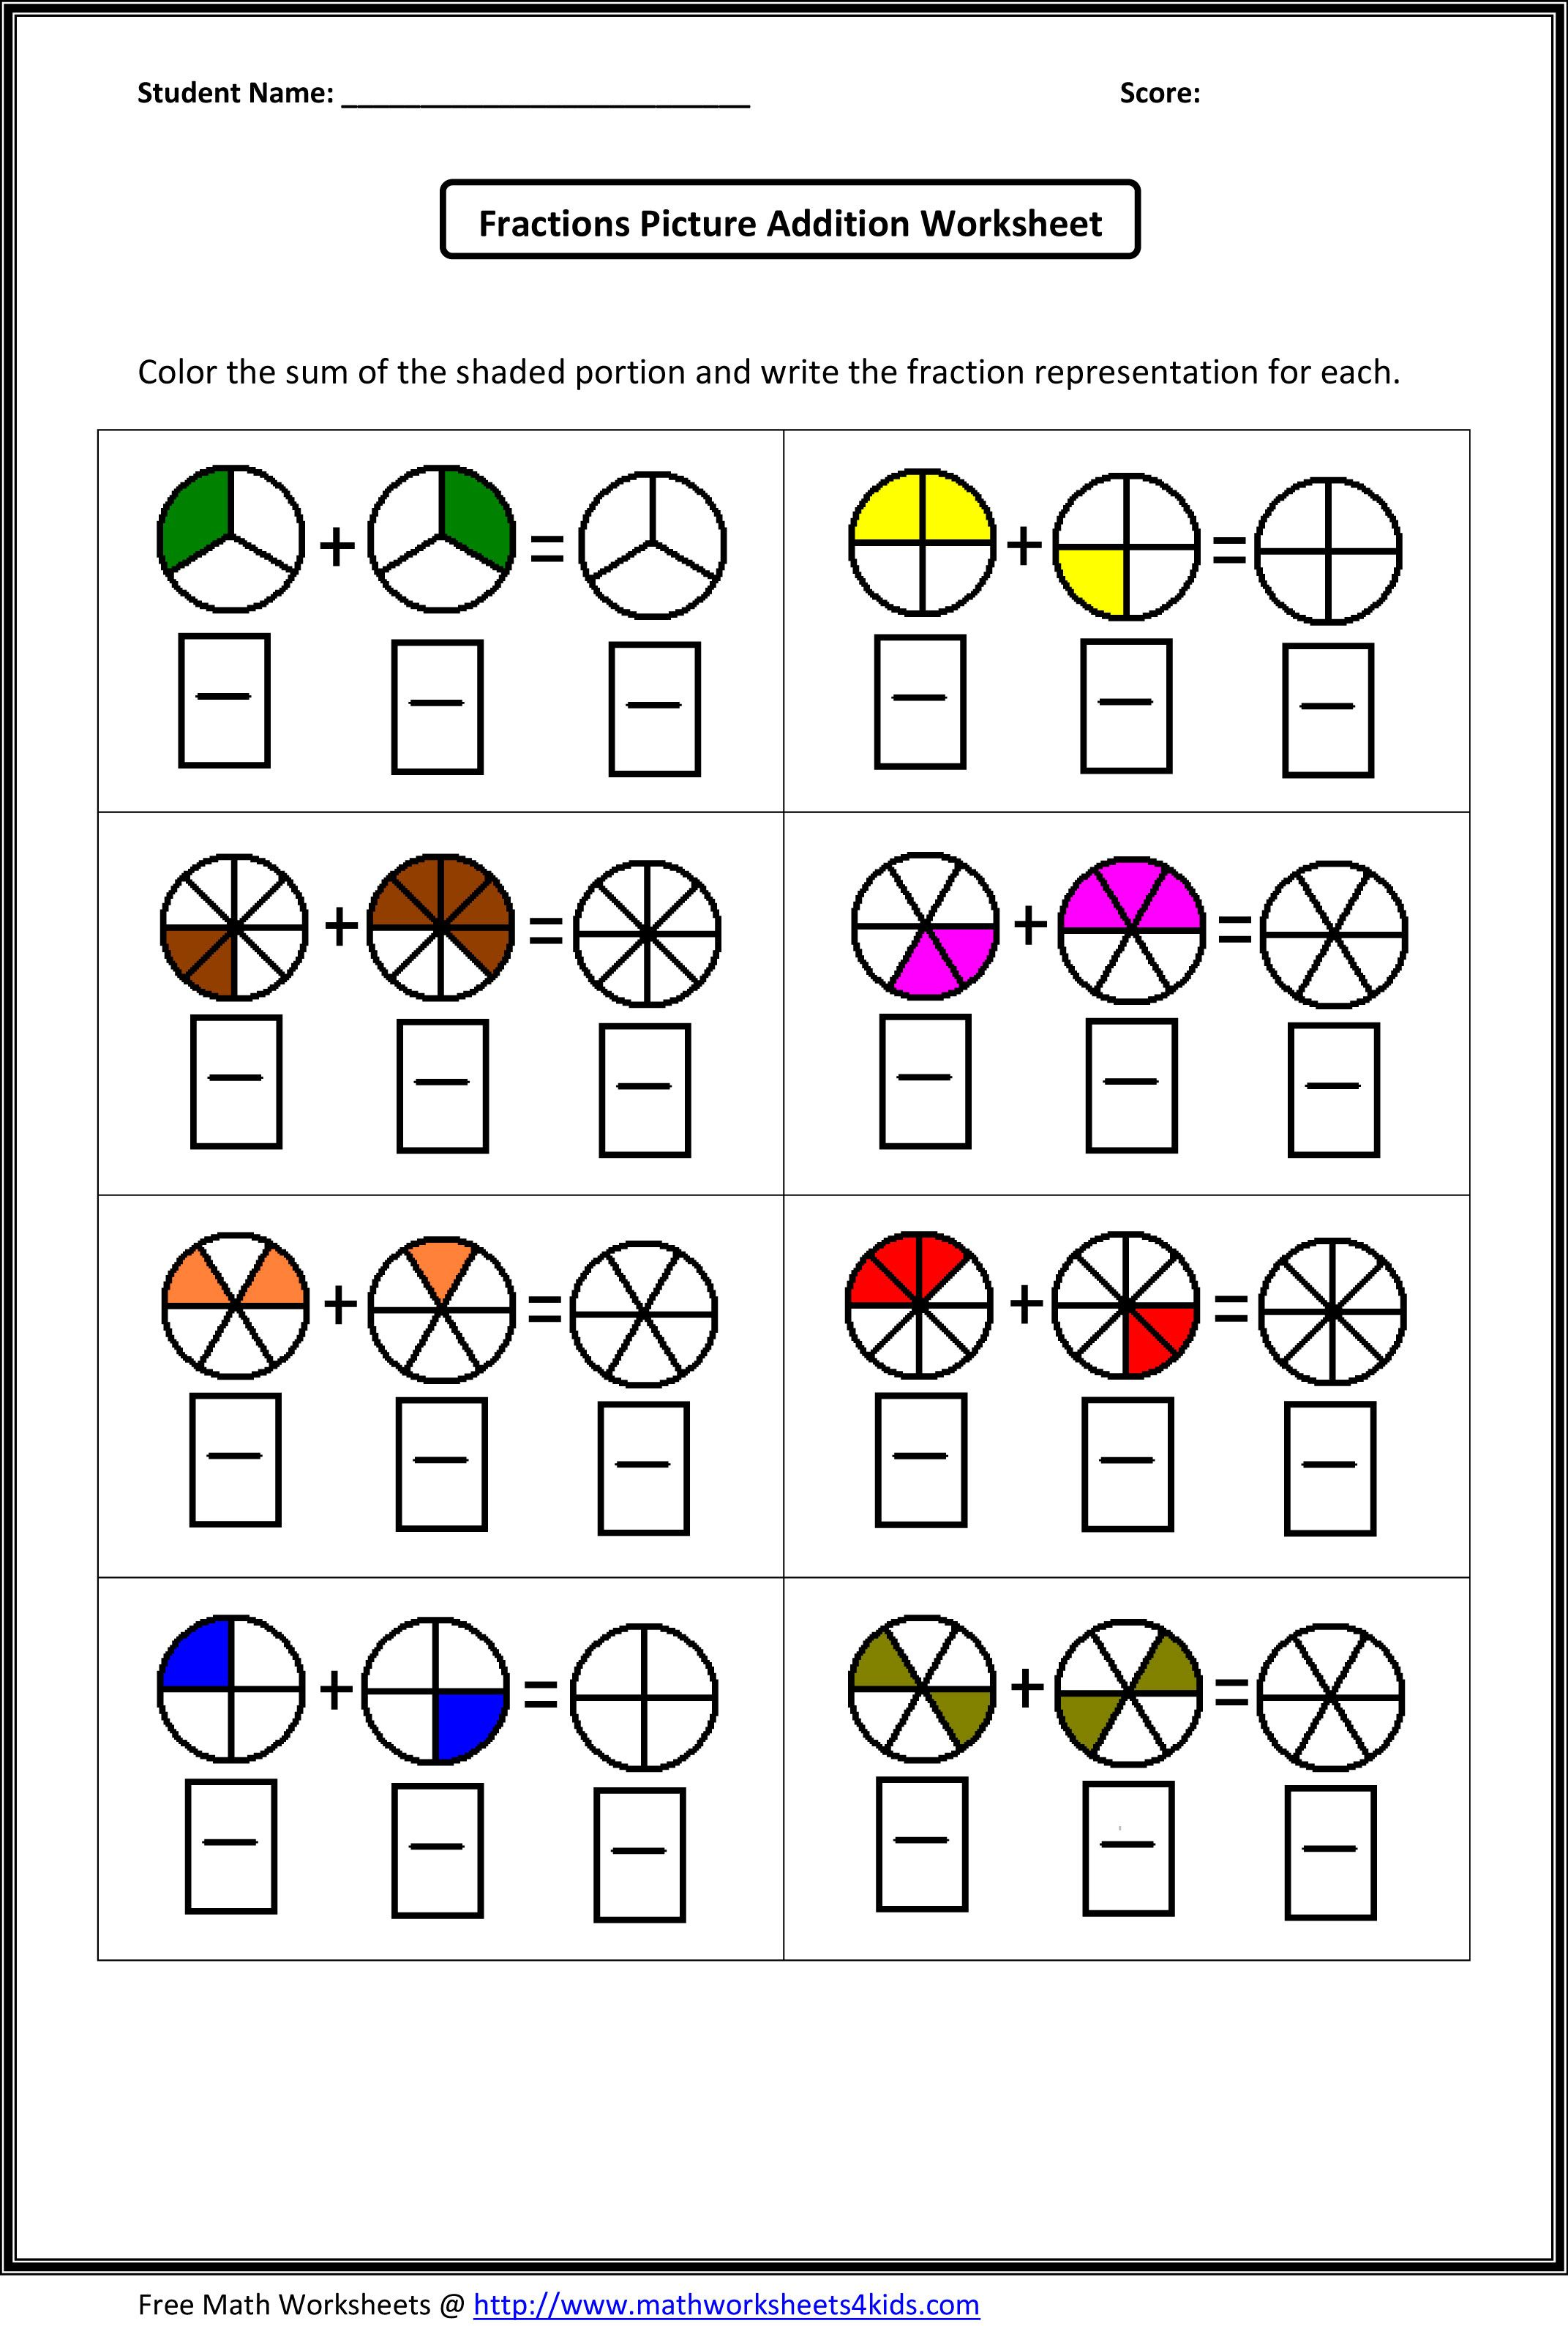 Fraction Addition Worksheets